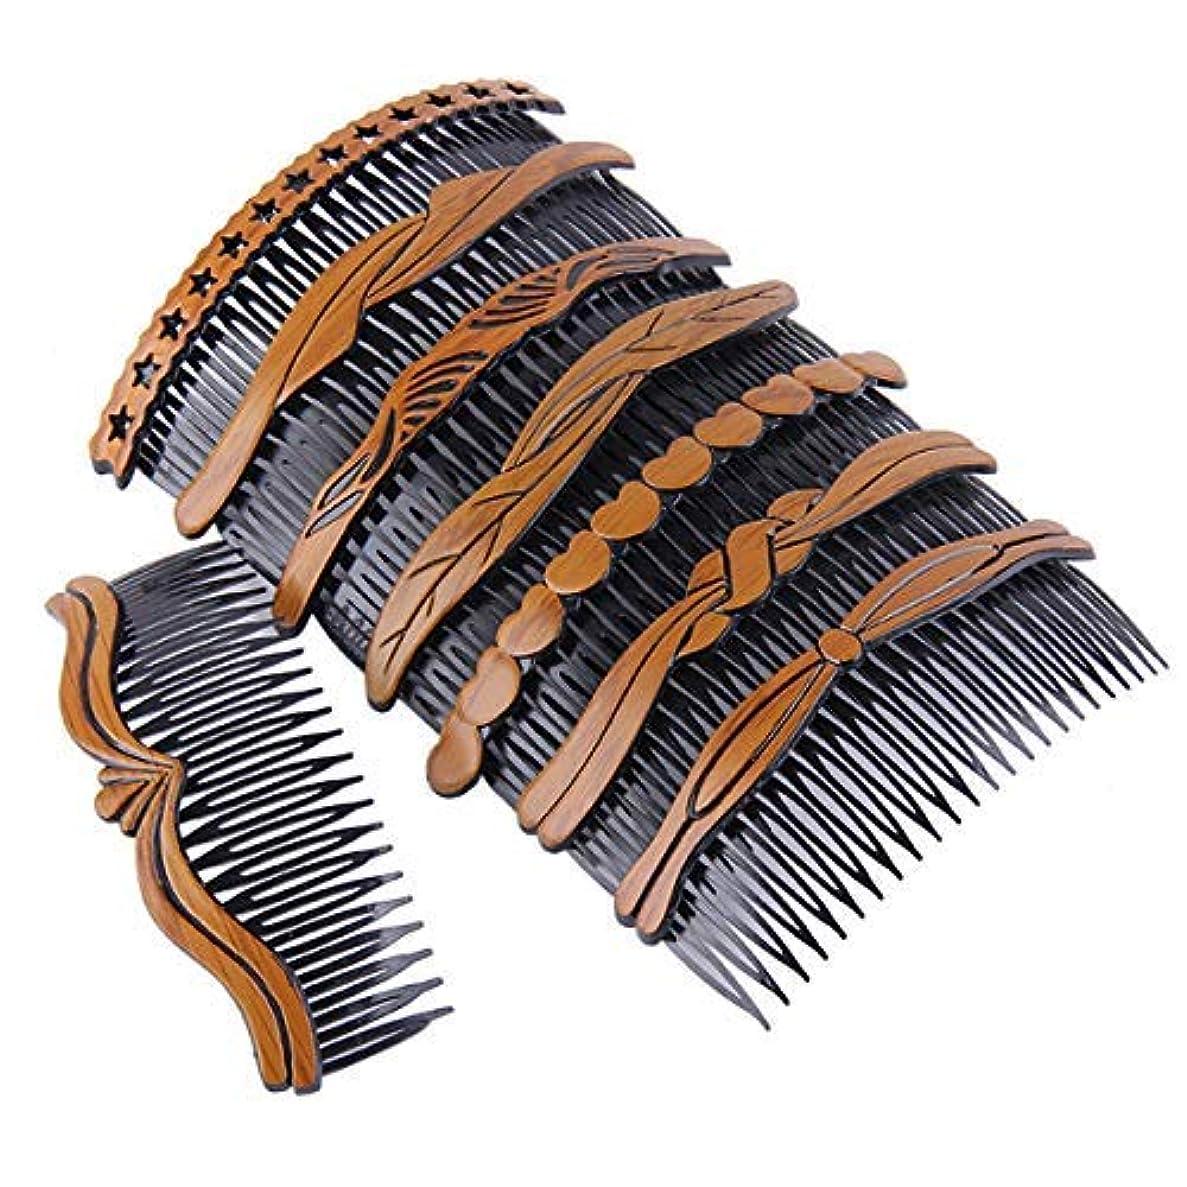 お茶あなたが良くなります光の8Pcs Plastic Wood Grain Hollow Hair Side Combs Retro Hair Comb Pin Clips Headdress with Teeth for Lady Women Girls...